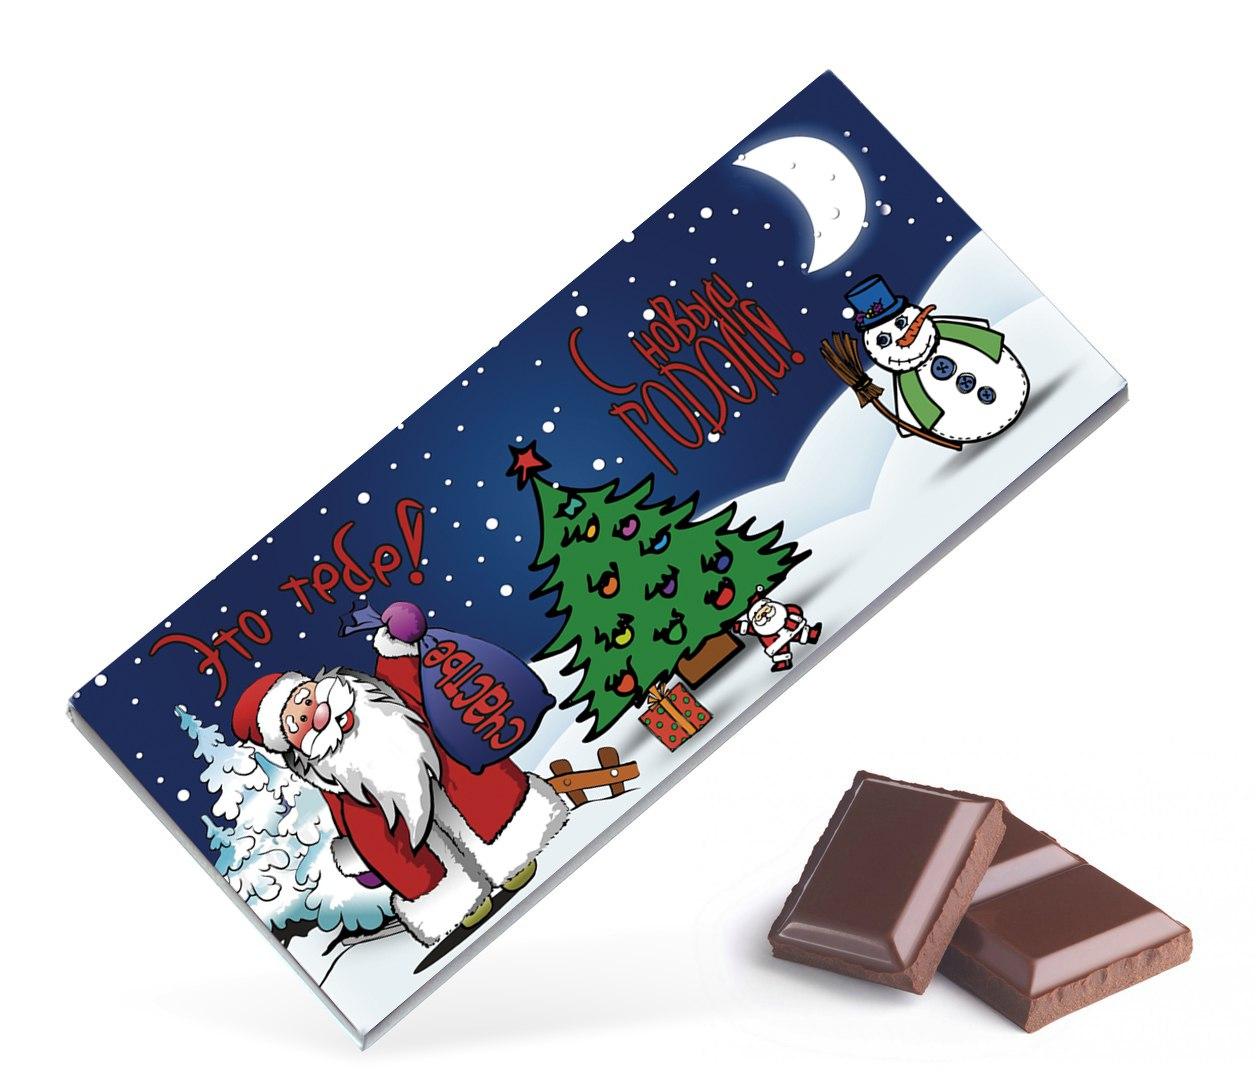 поздравление с новым годом шоколадка реквизиты обязательны